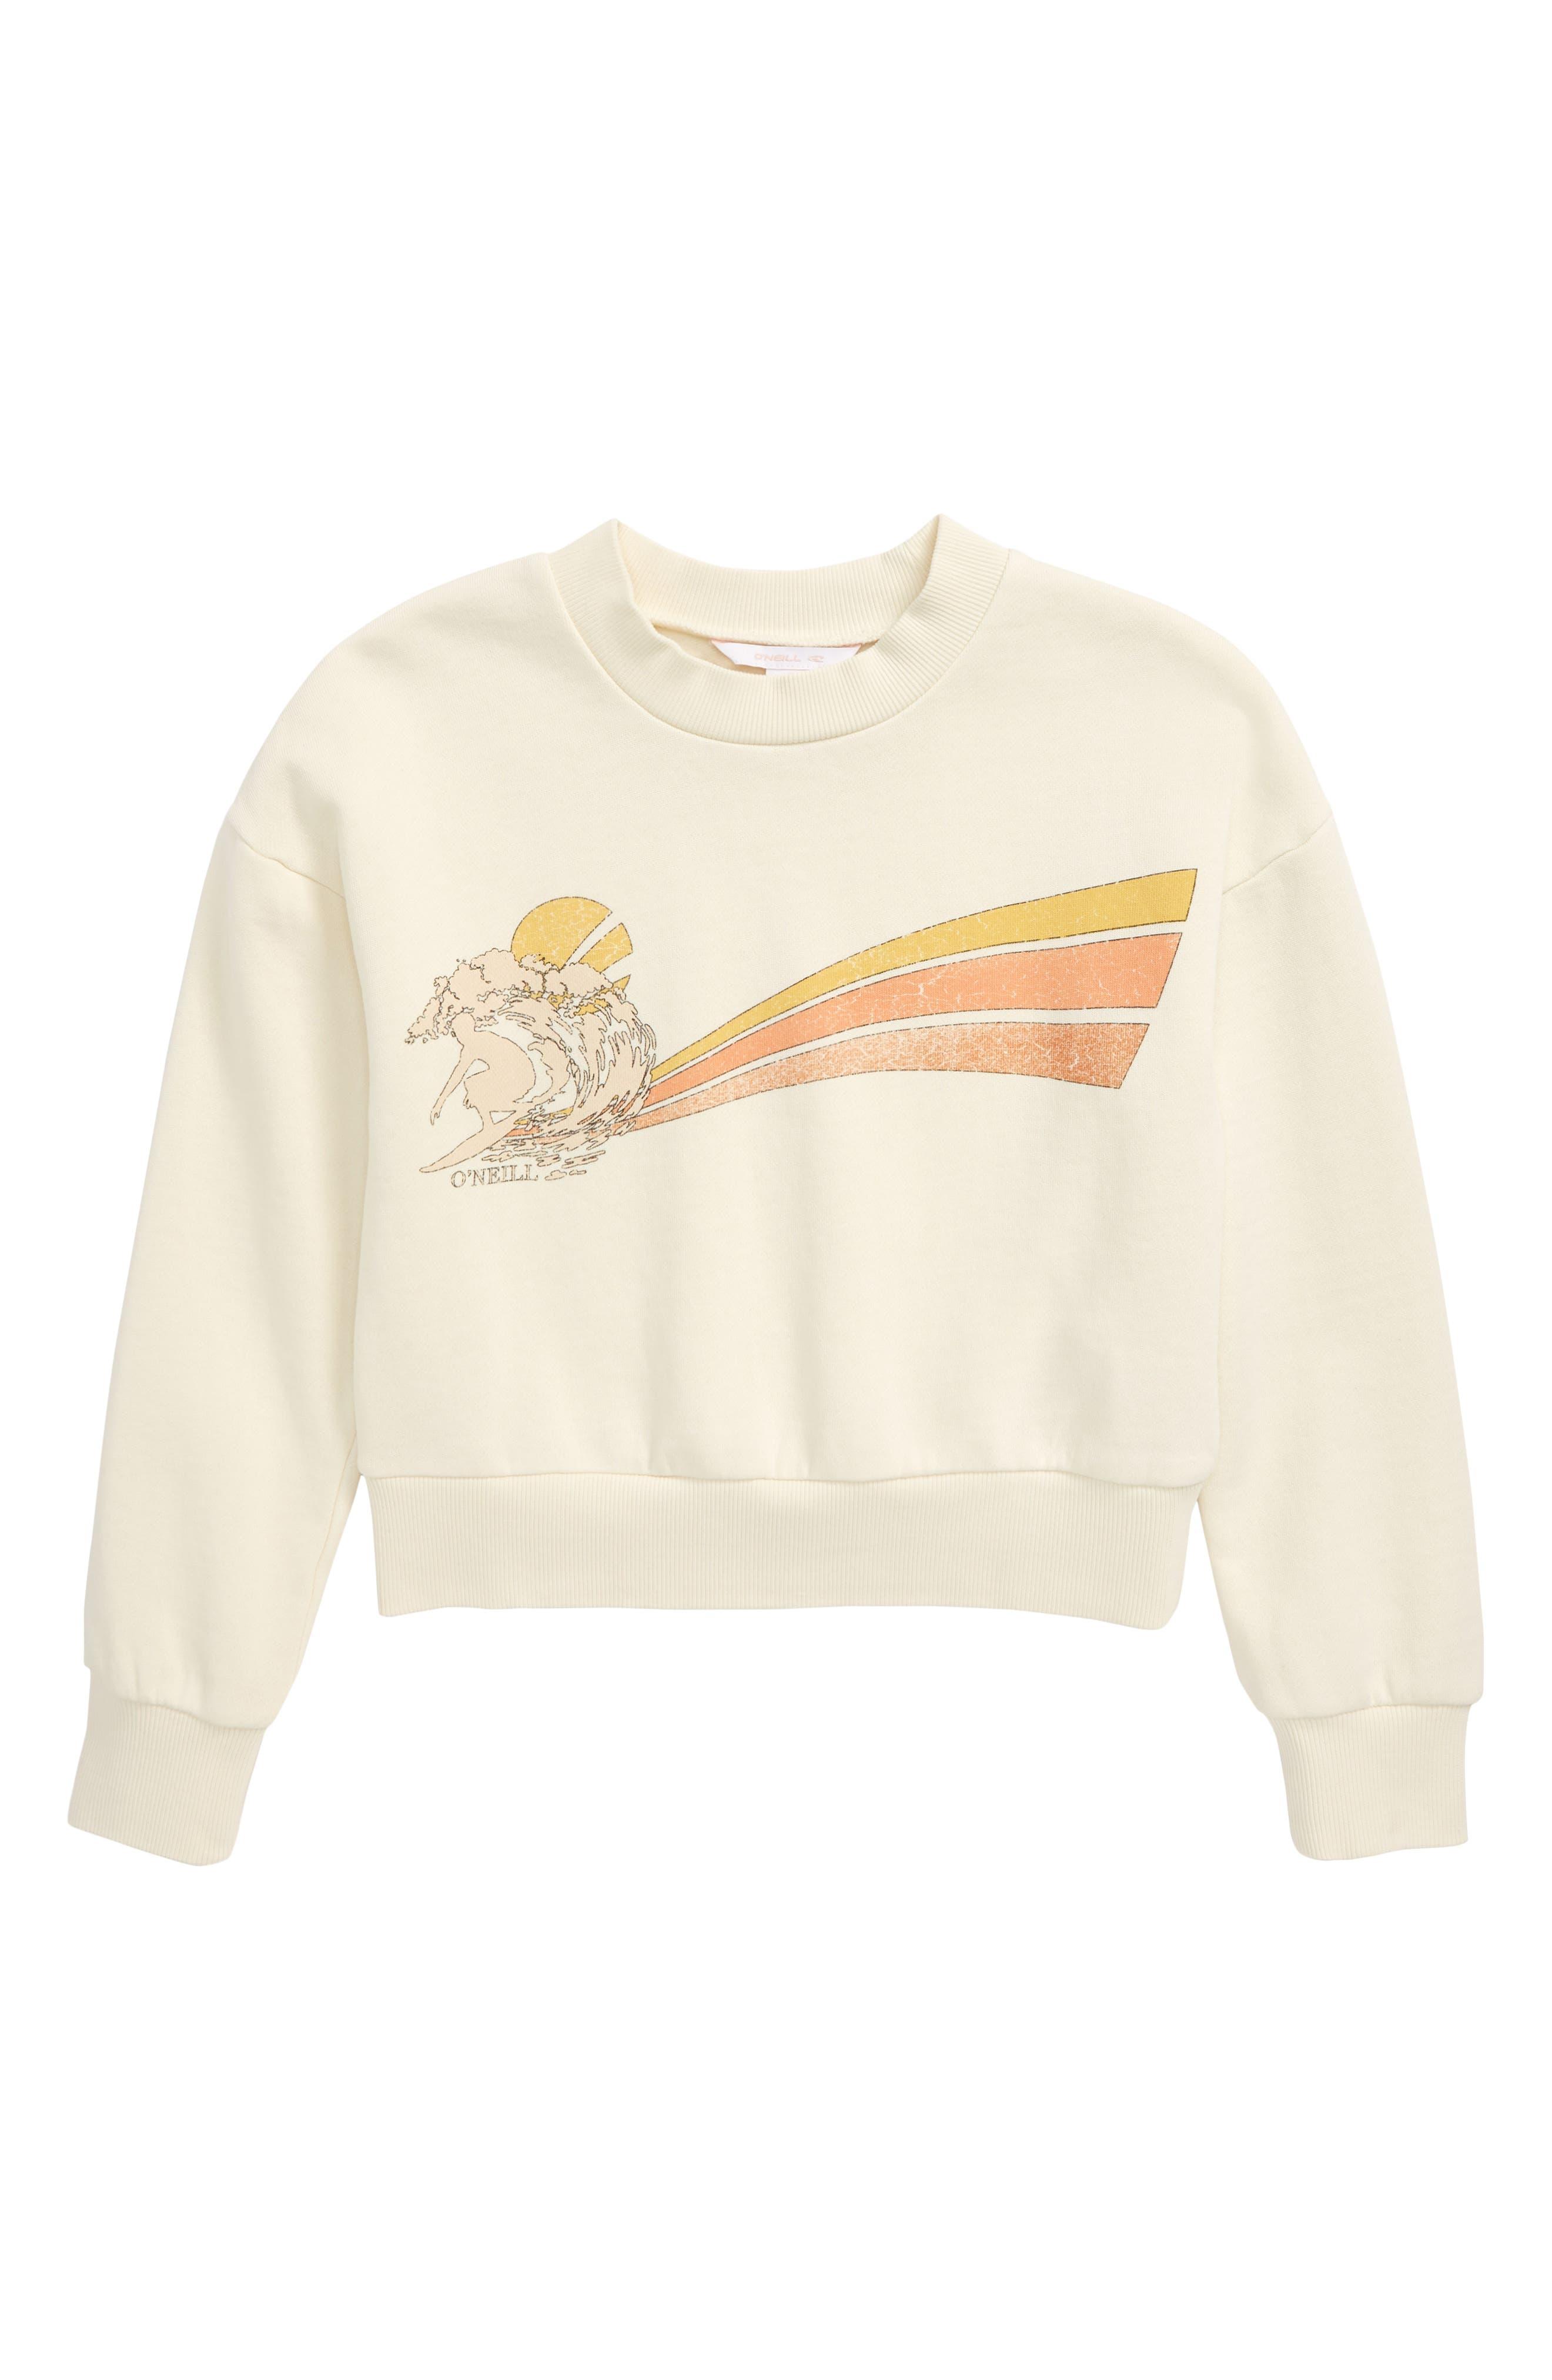 O'Neill Caila Fleece Graphic Pullover